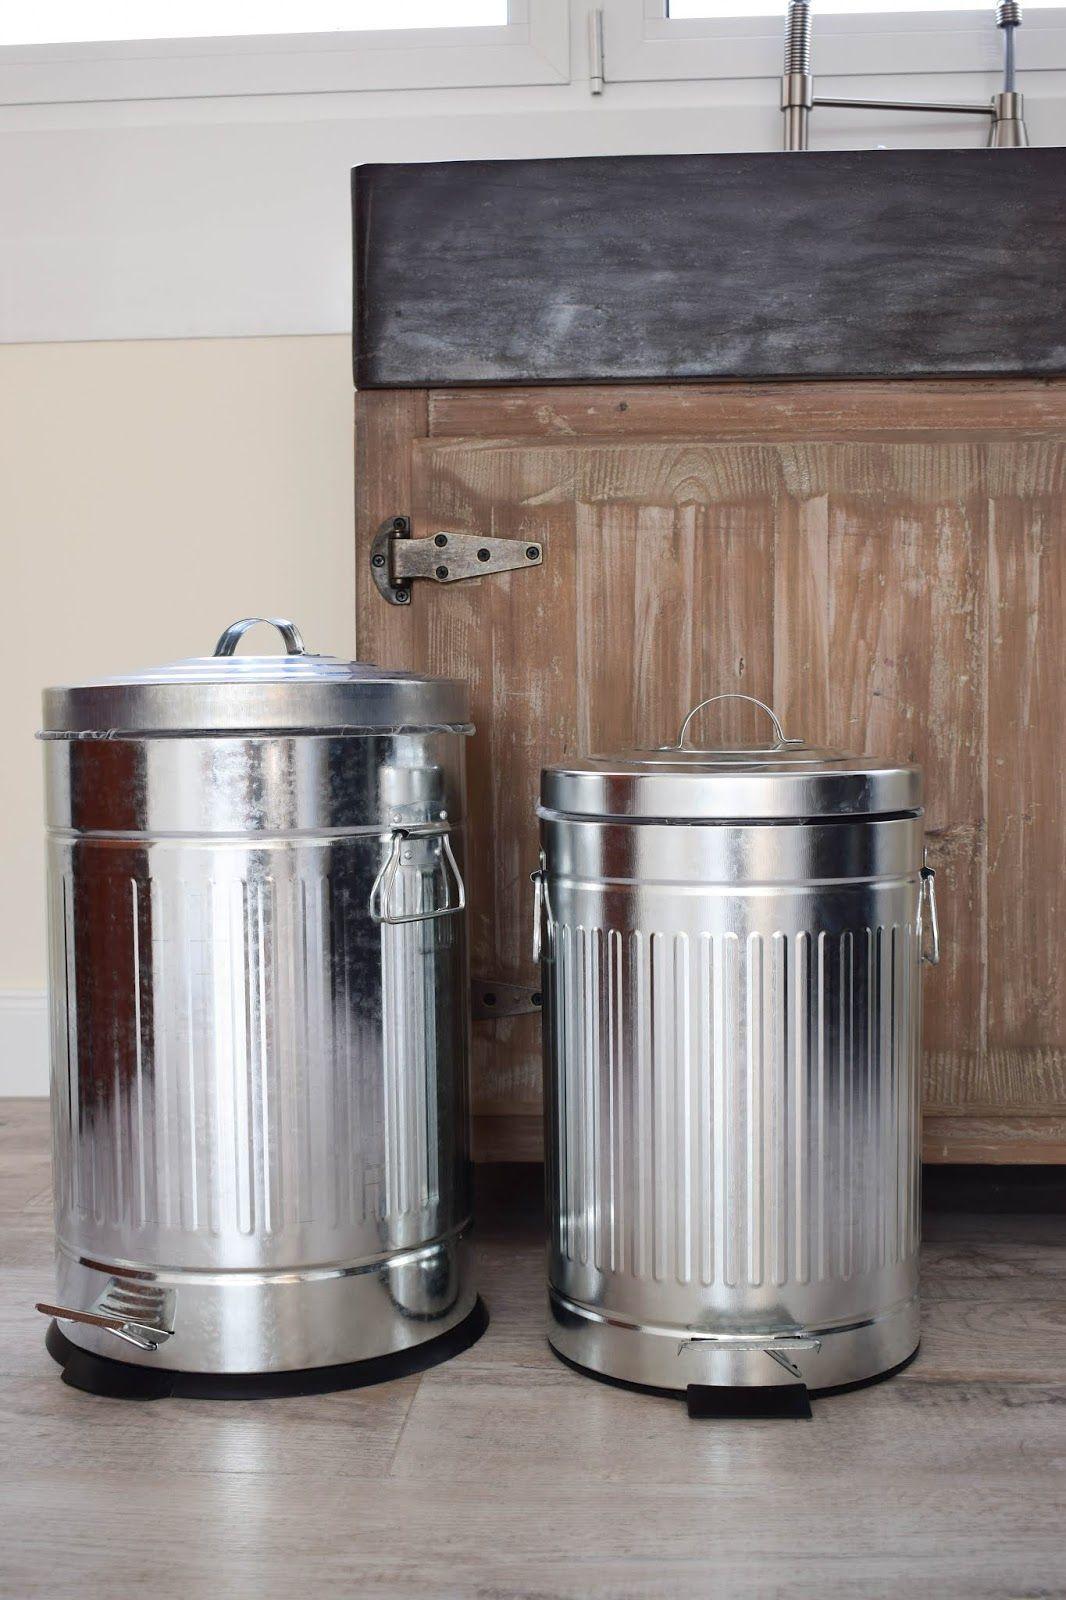 DIY Wandregal und erste Einblicke in die neue Küche  Mülleimer